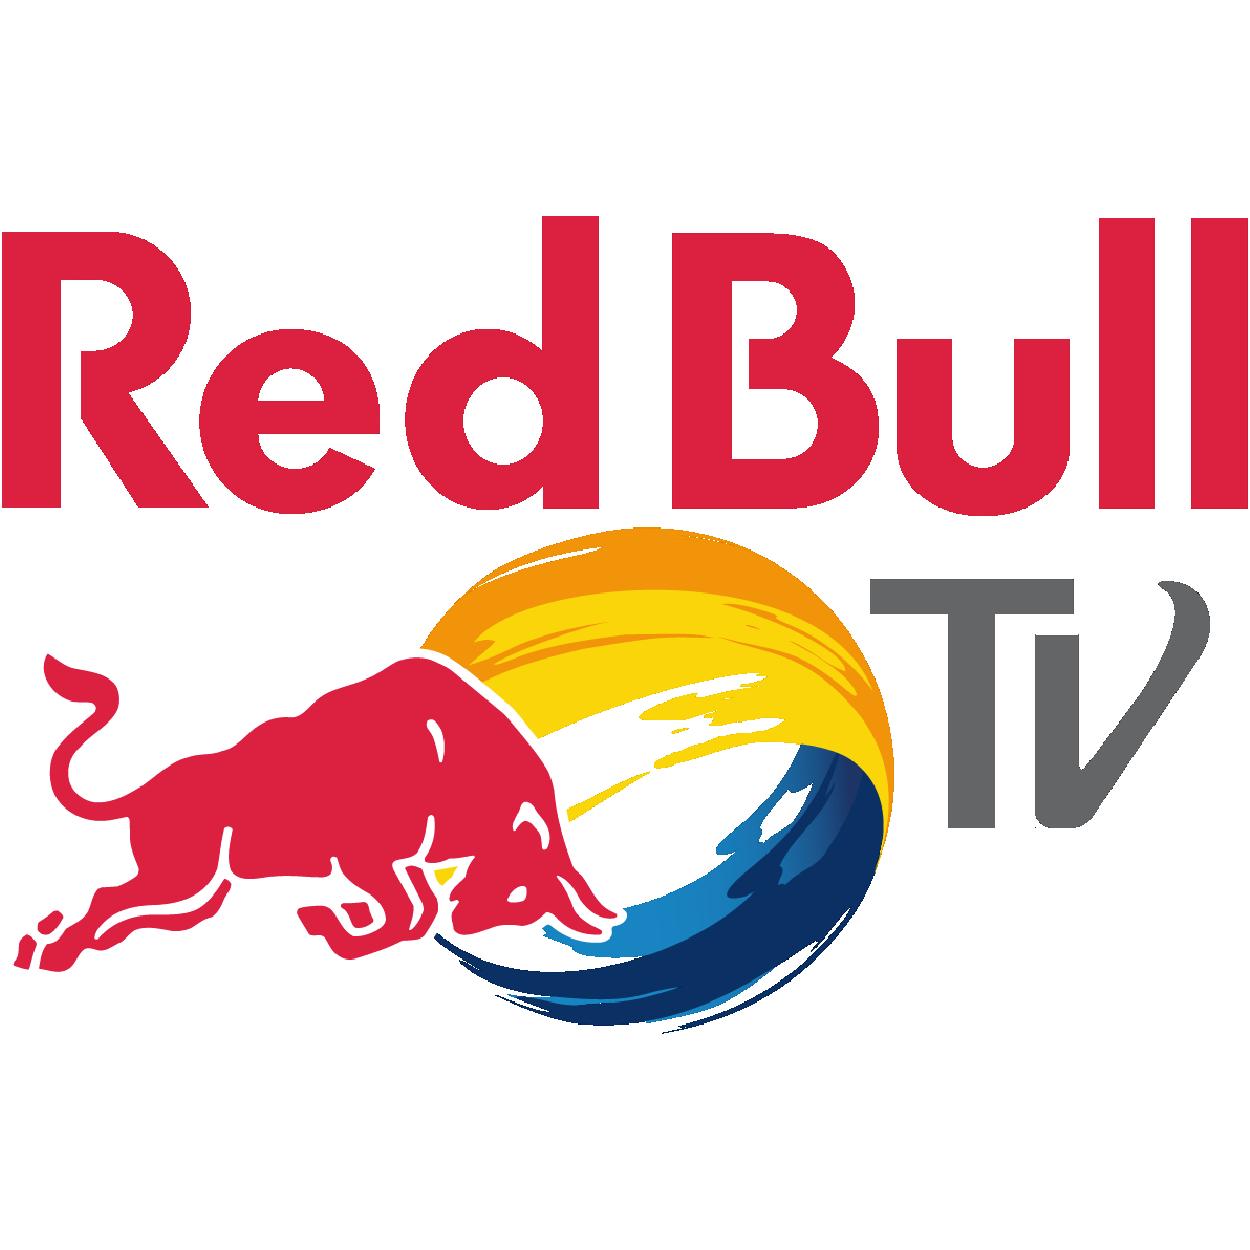 1. Red Bull Tv